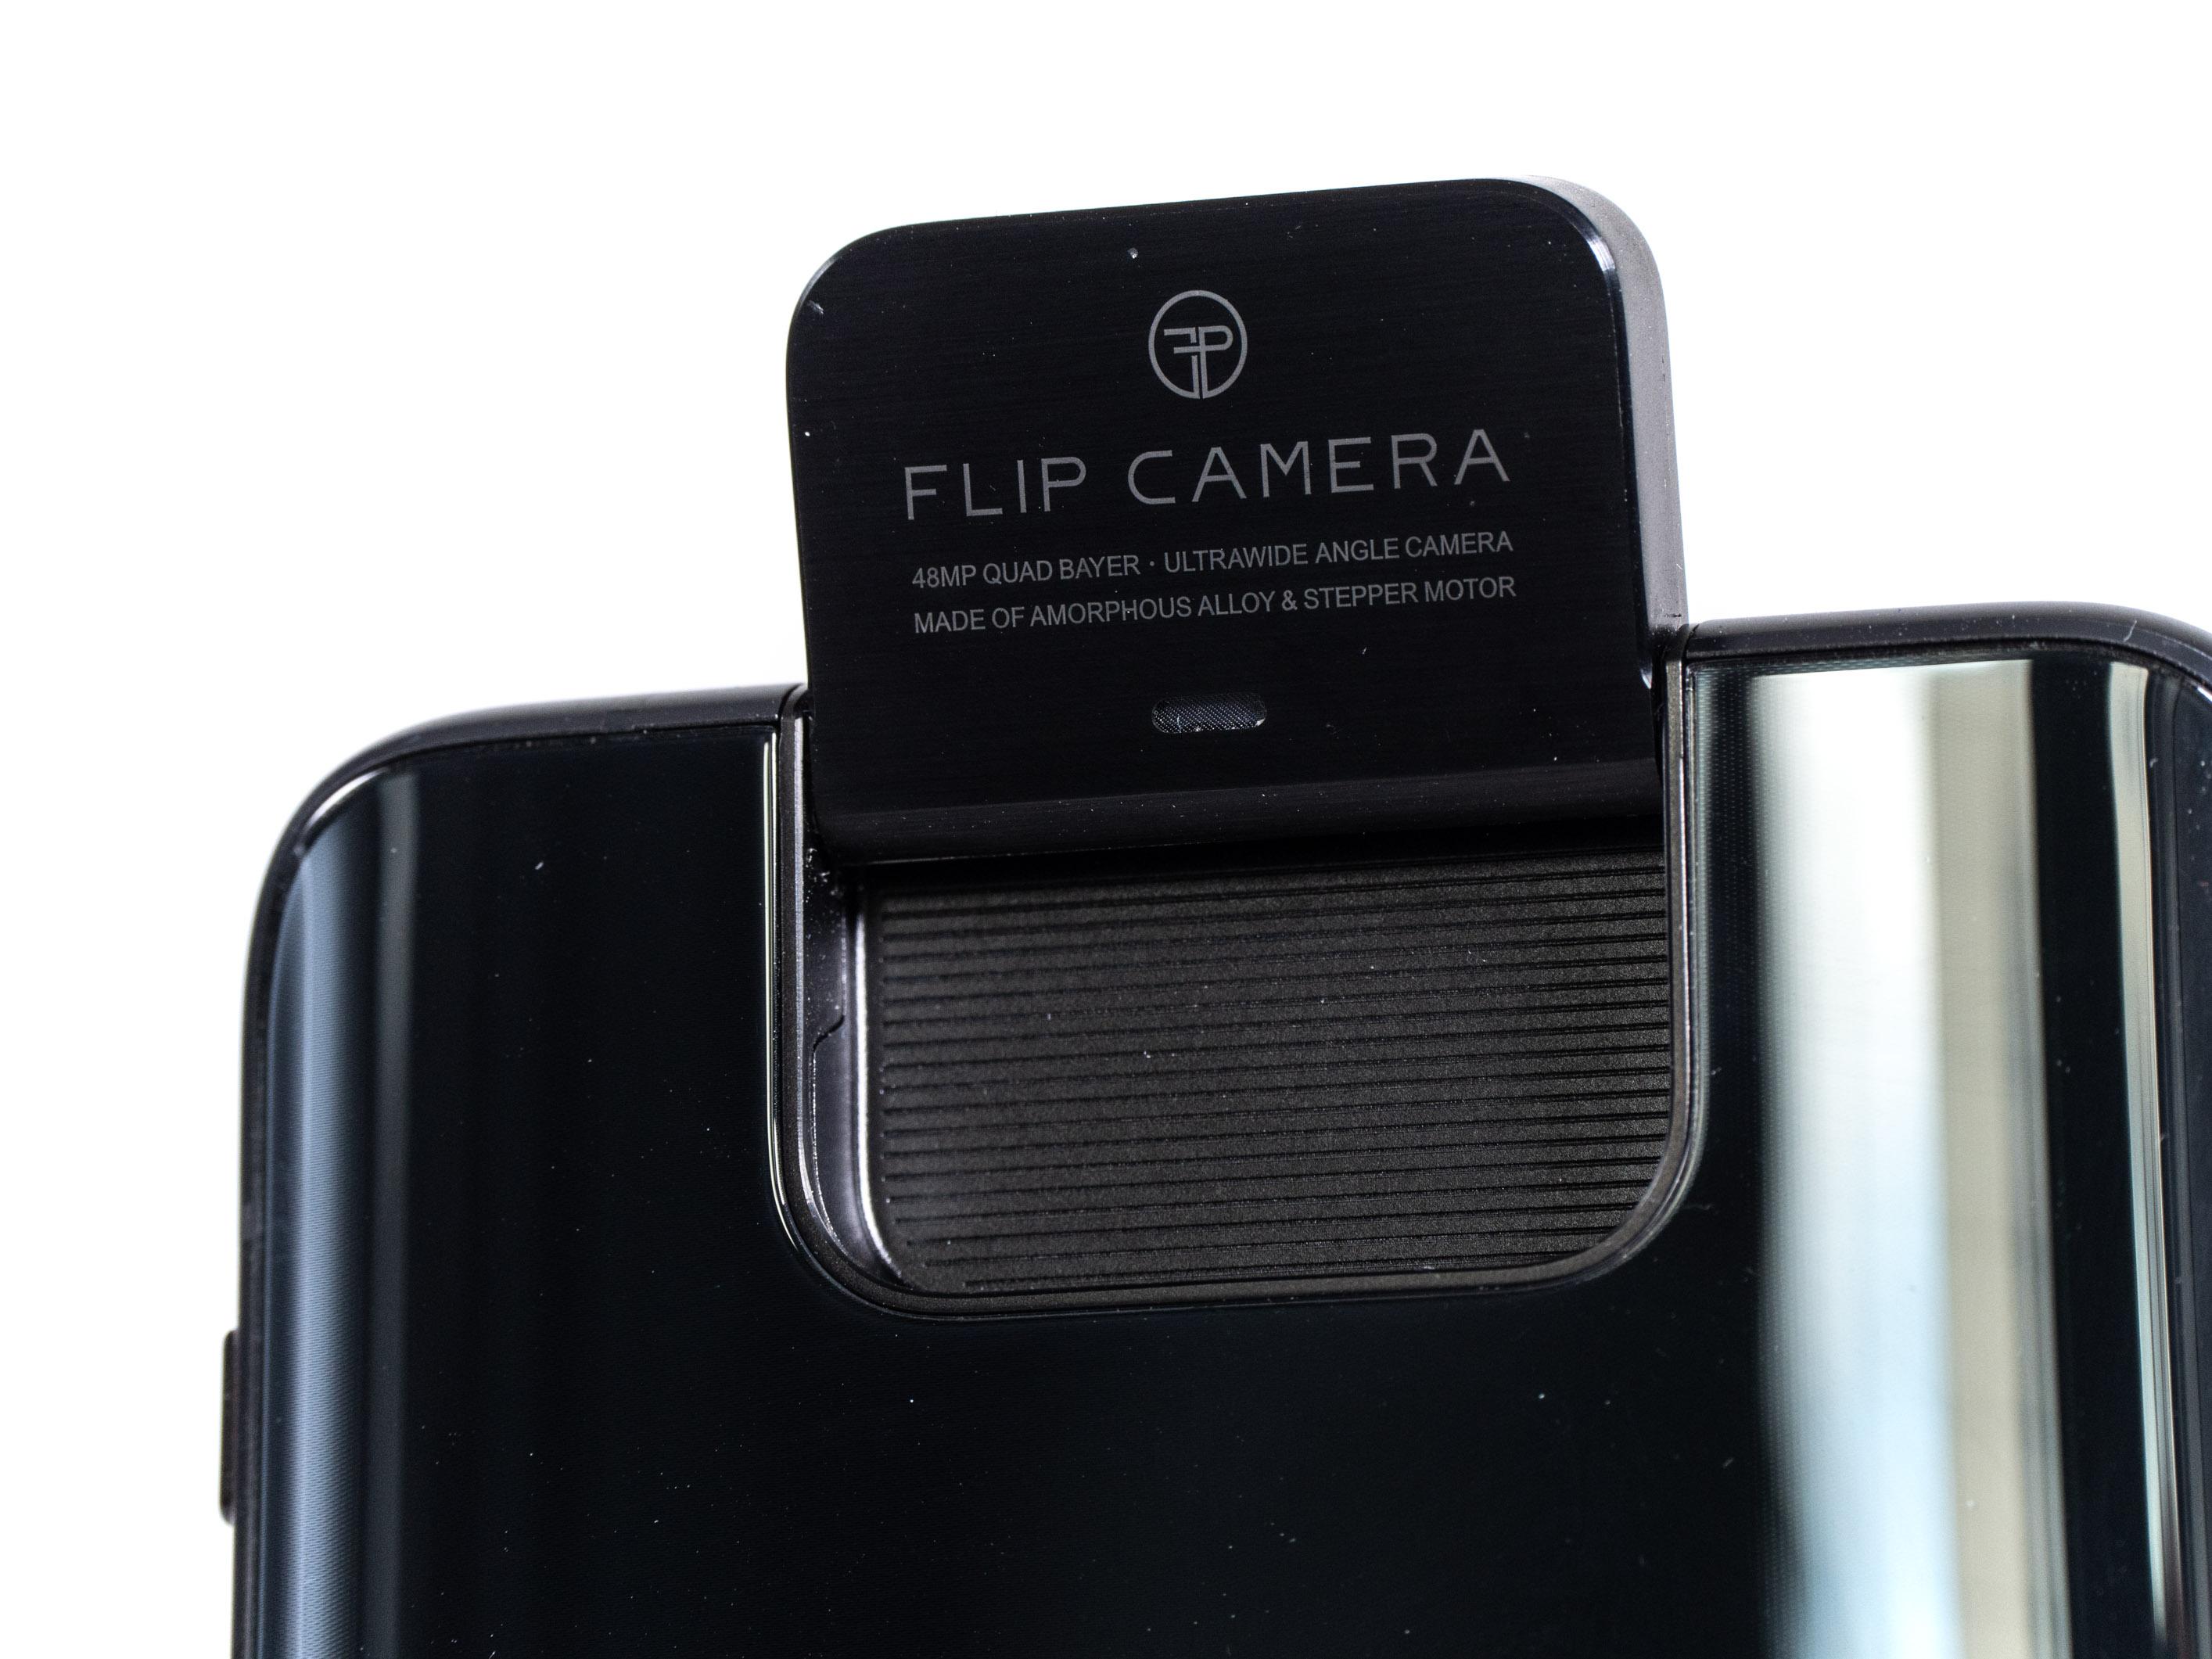 Zenfone 6 im Test: Asus' Ansage an die Smartphone-Konkurrenz - Das Kameramodul wirkt auf uns stabil. (Bild: Martin Wolf/Golem.de)